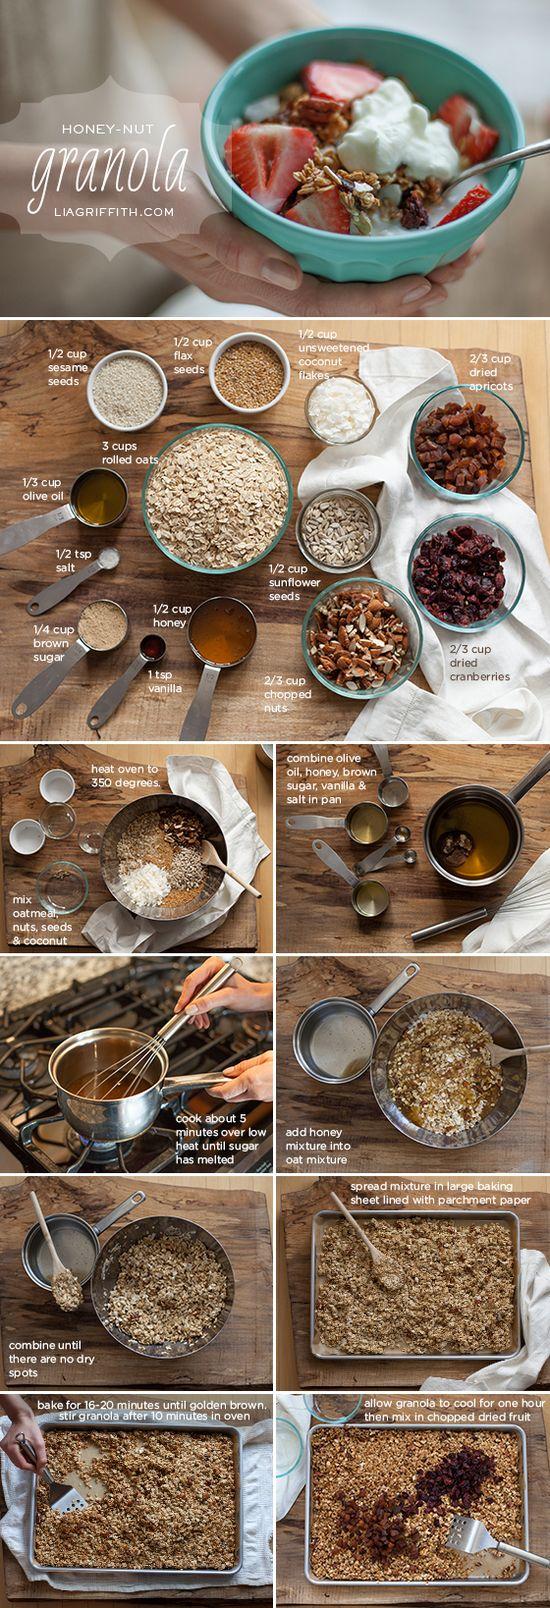 Home made honey-nut granola